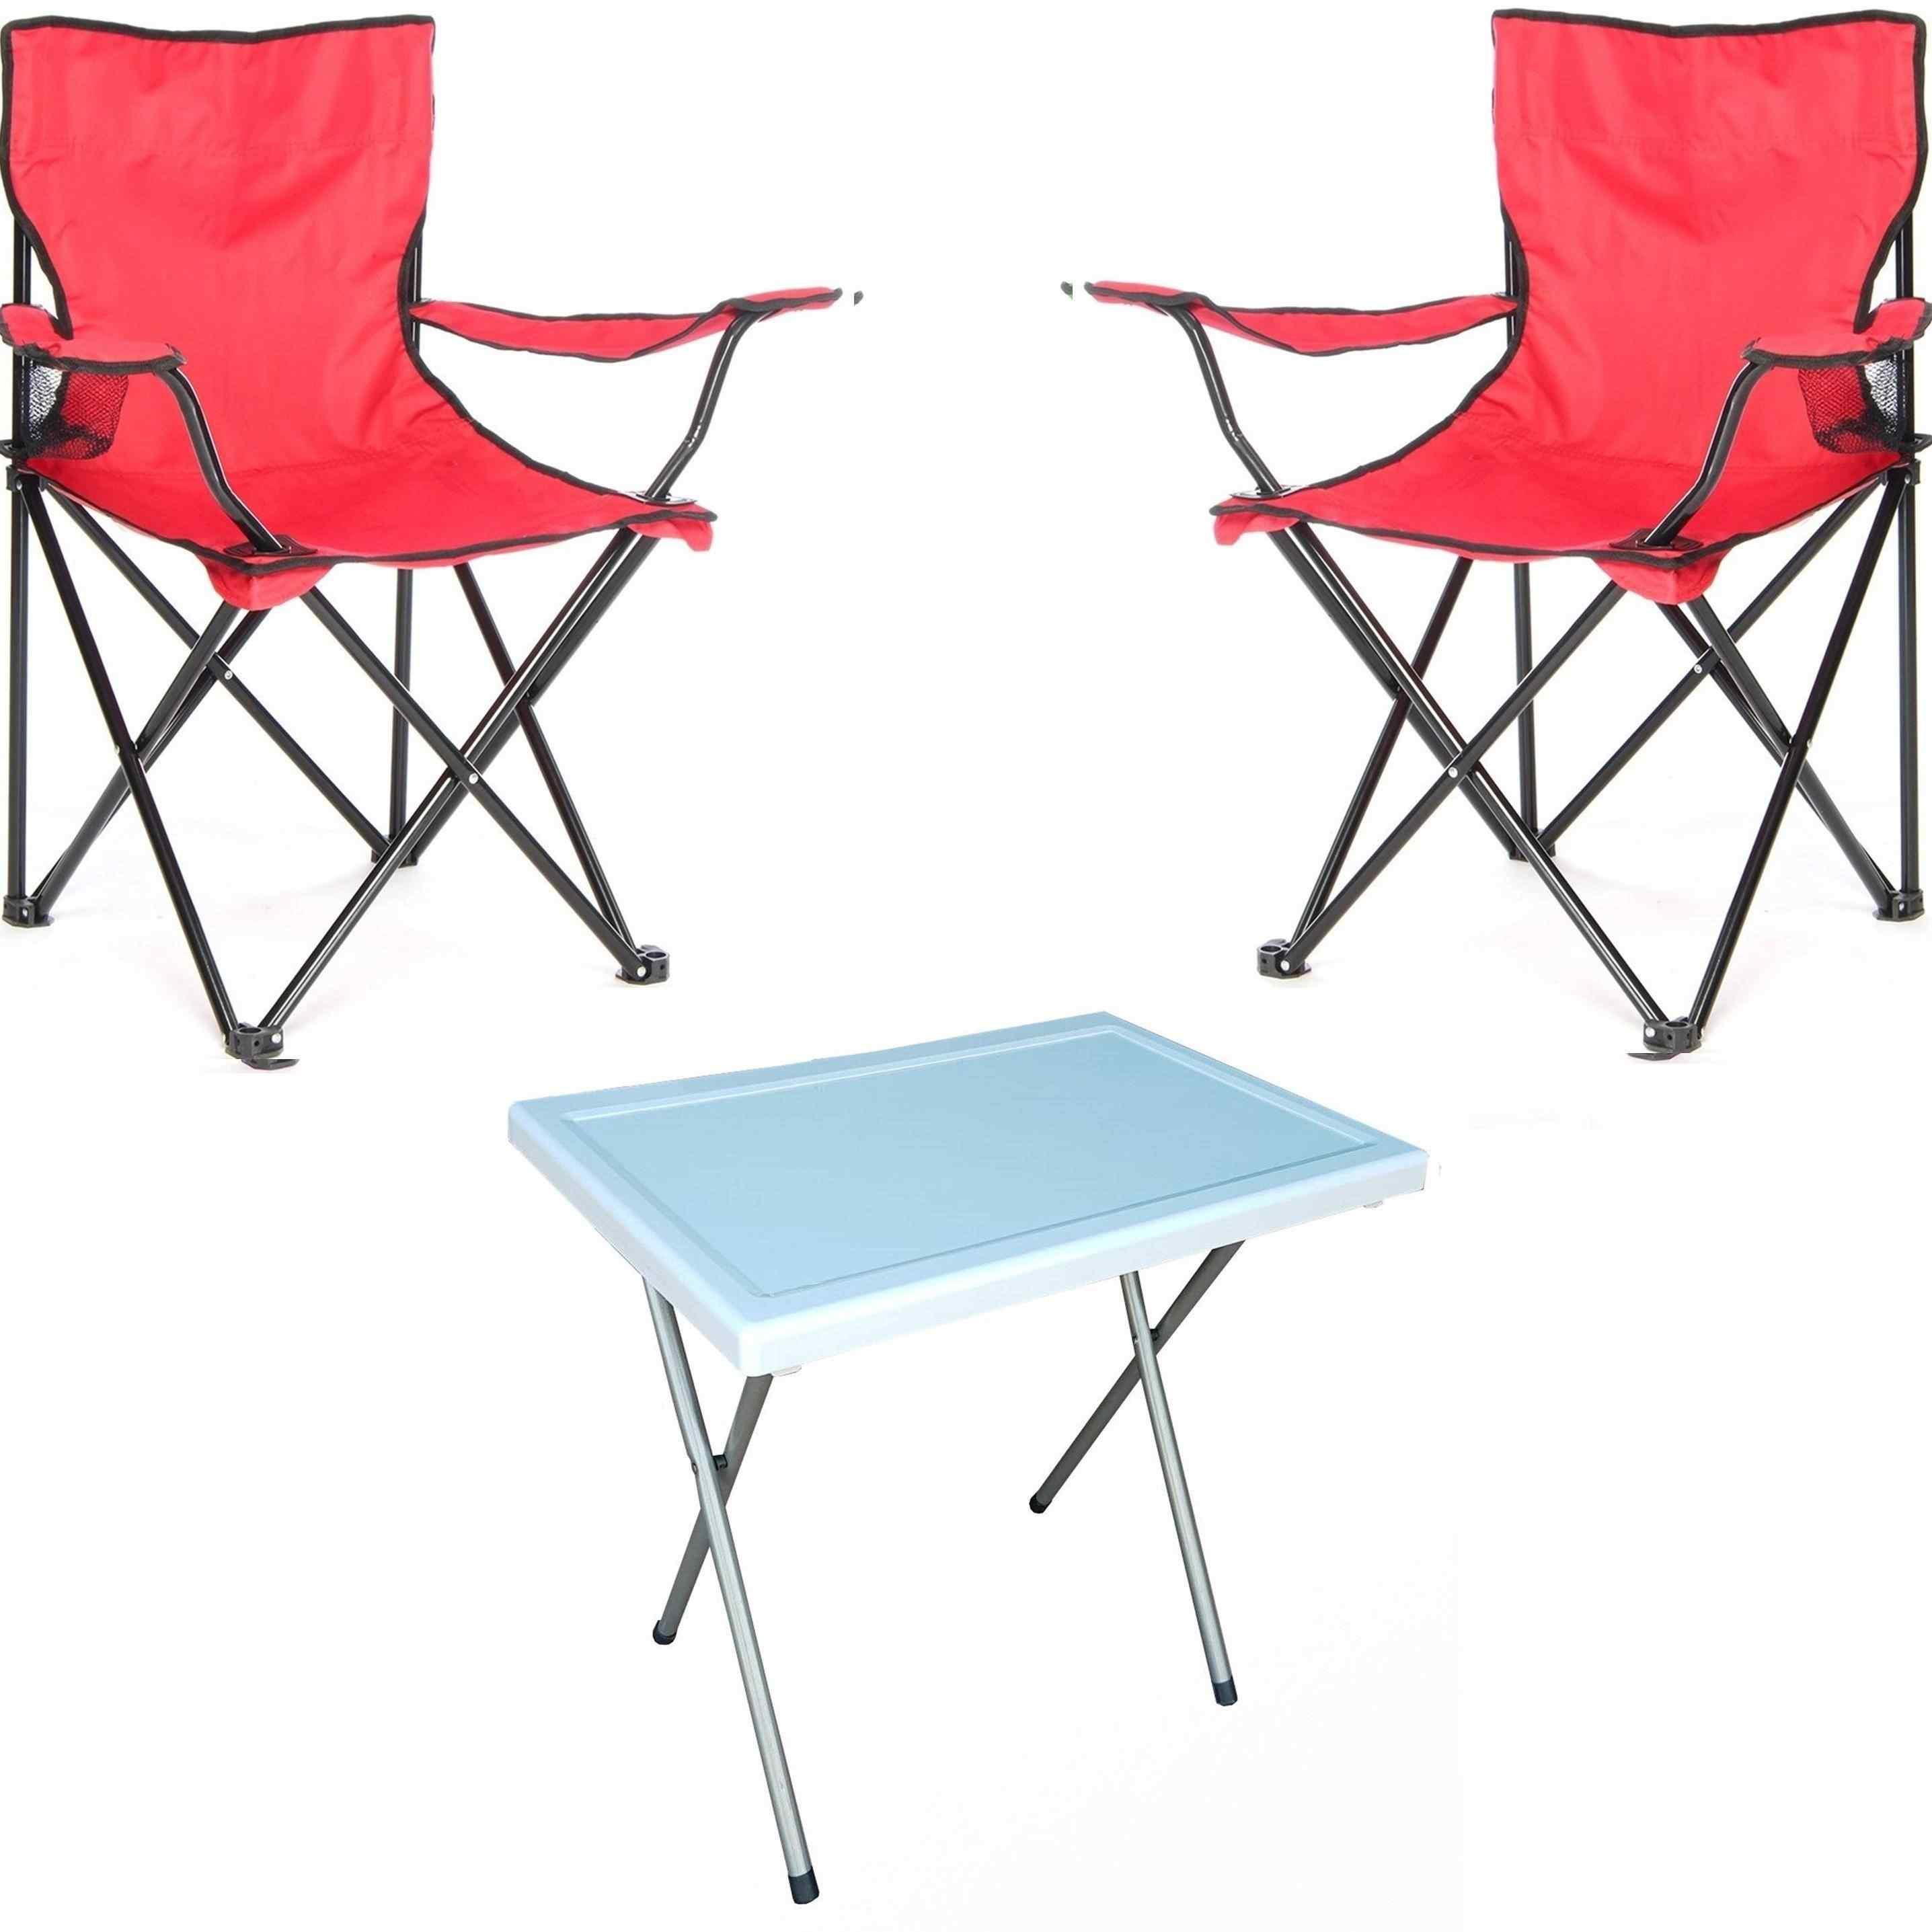 Beco Katlanabilir Kamp Sandalyesi Koltuk ve Masa Seti Kırmızı 2+